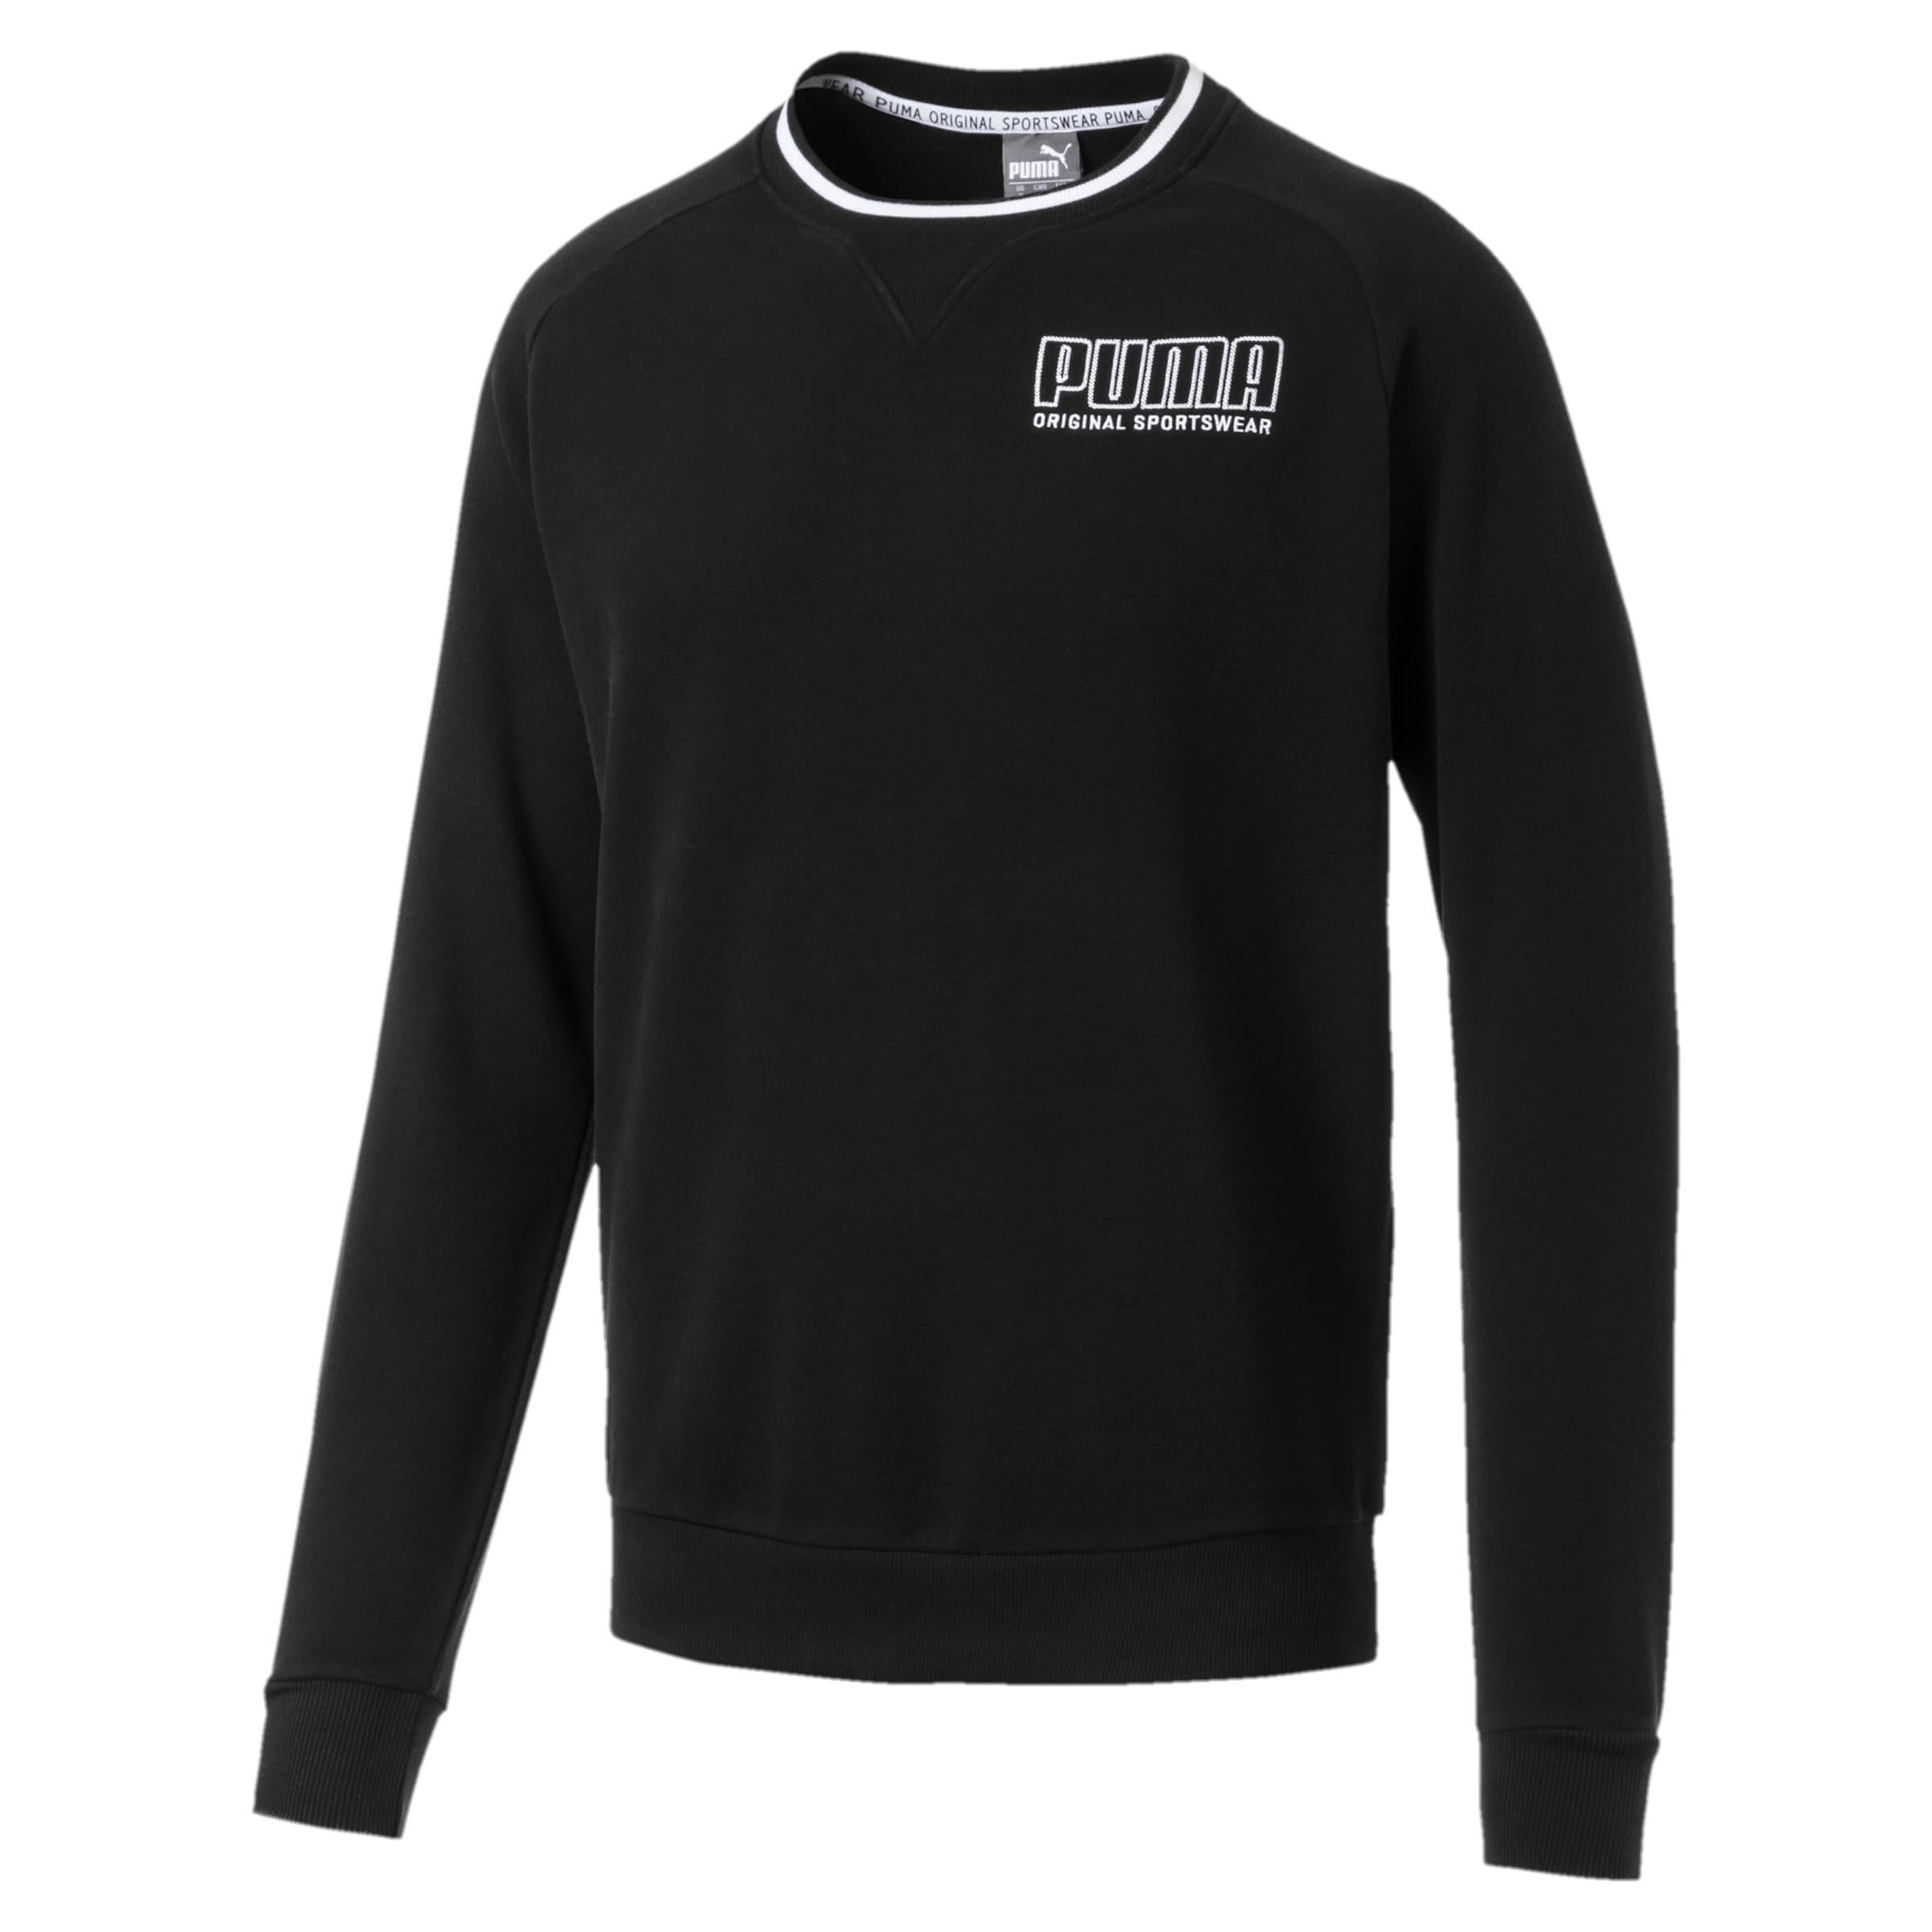 In In Puma Puma Sweatshirt Sweatshirt SchwarzWeiß SchwarzWeiß yI6Ybf7vg